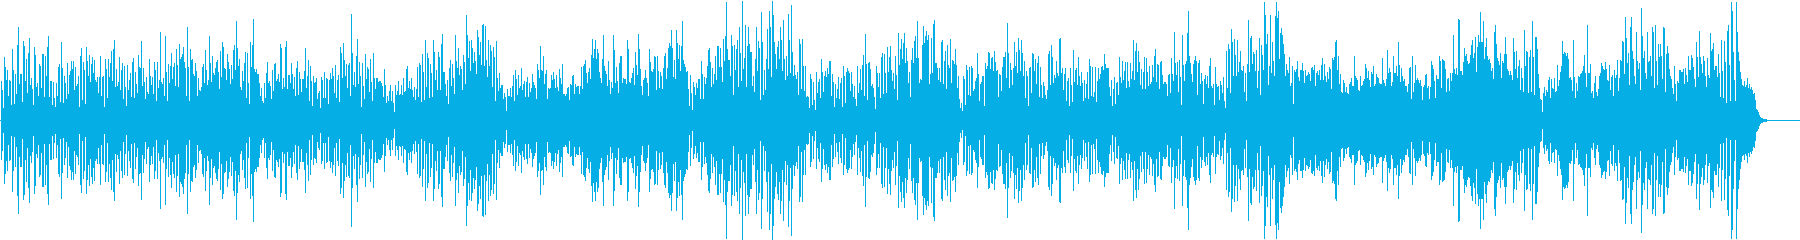 ヴィヴァルディ 協奏曲 イ短調 第1楽章の再生済みの波形